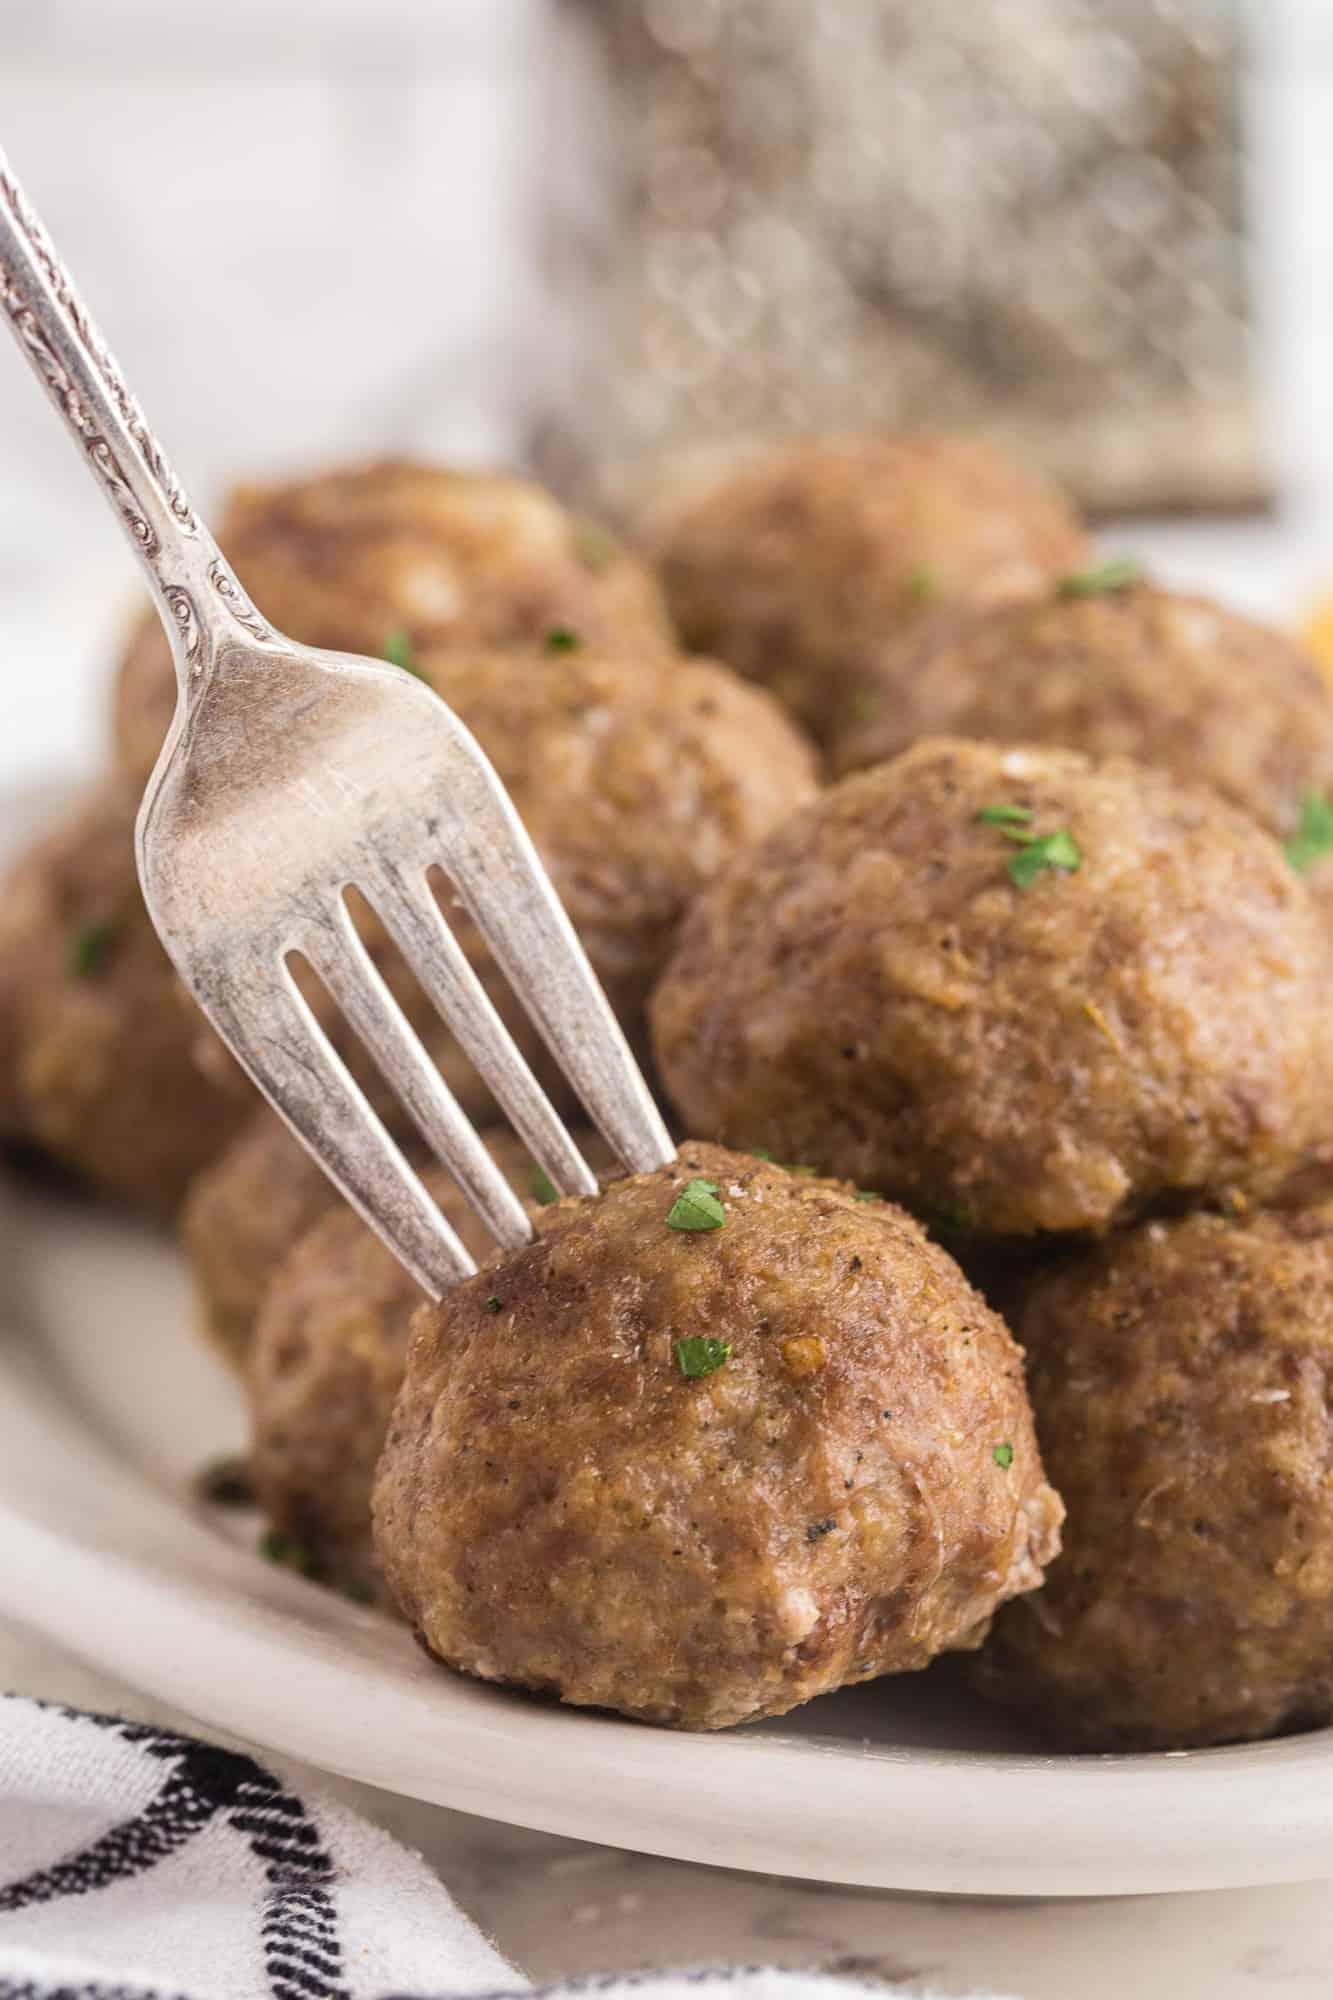 Meatball on a fork.